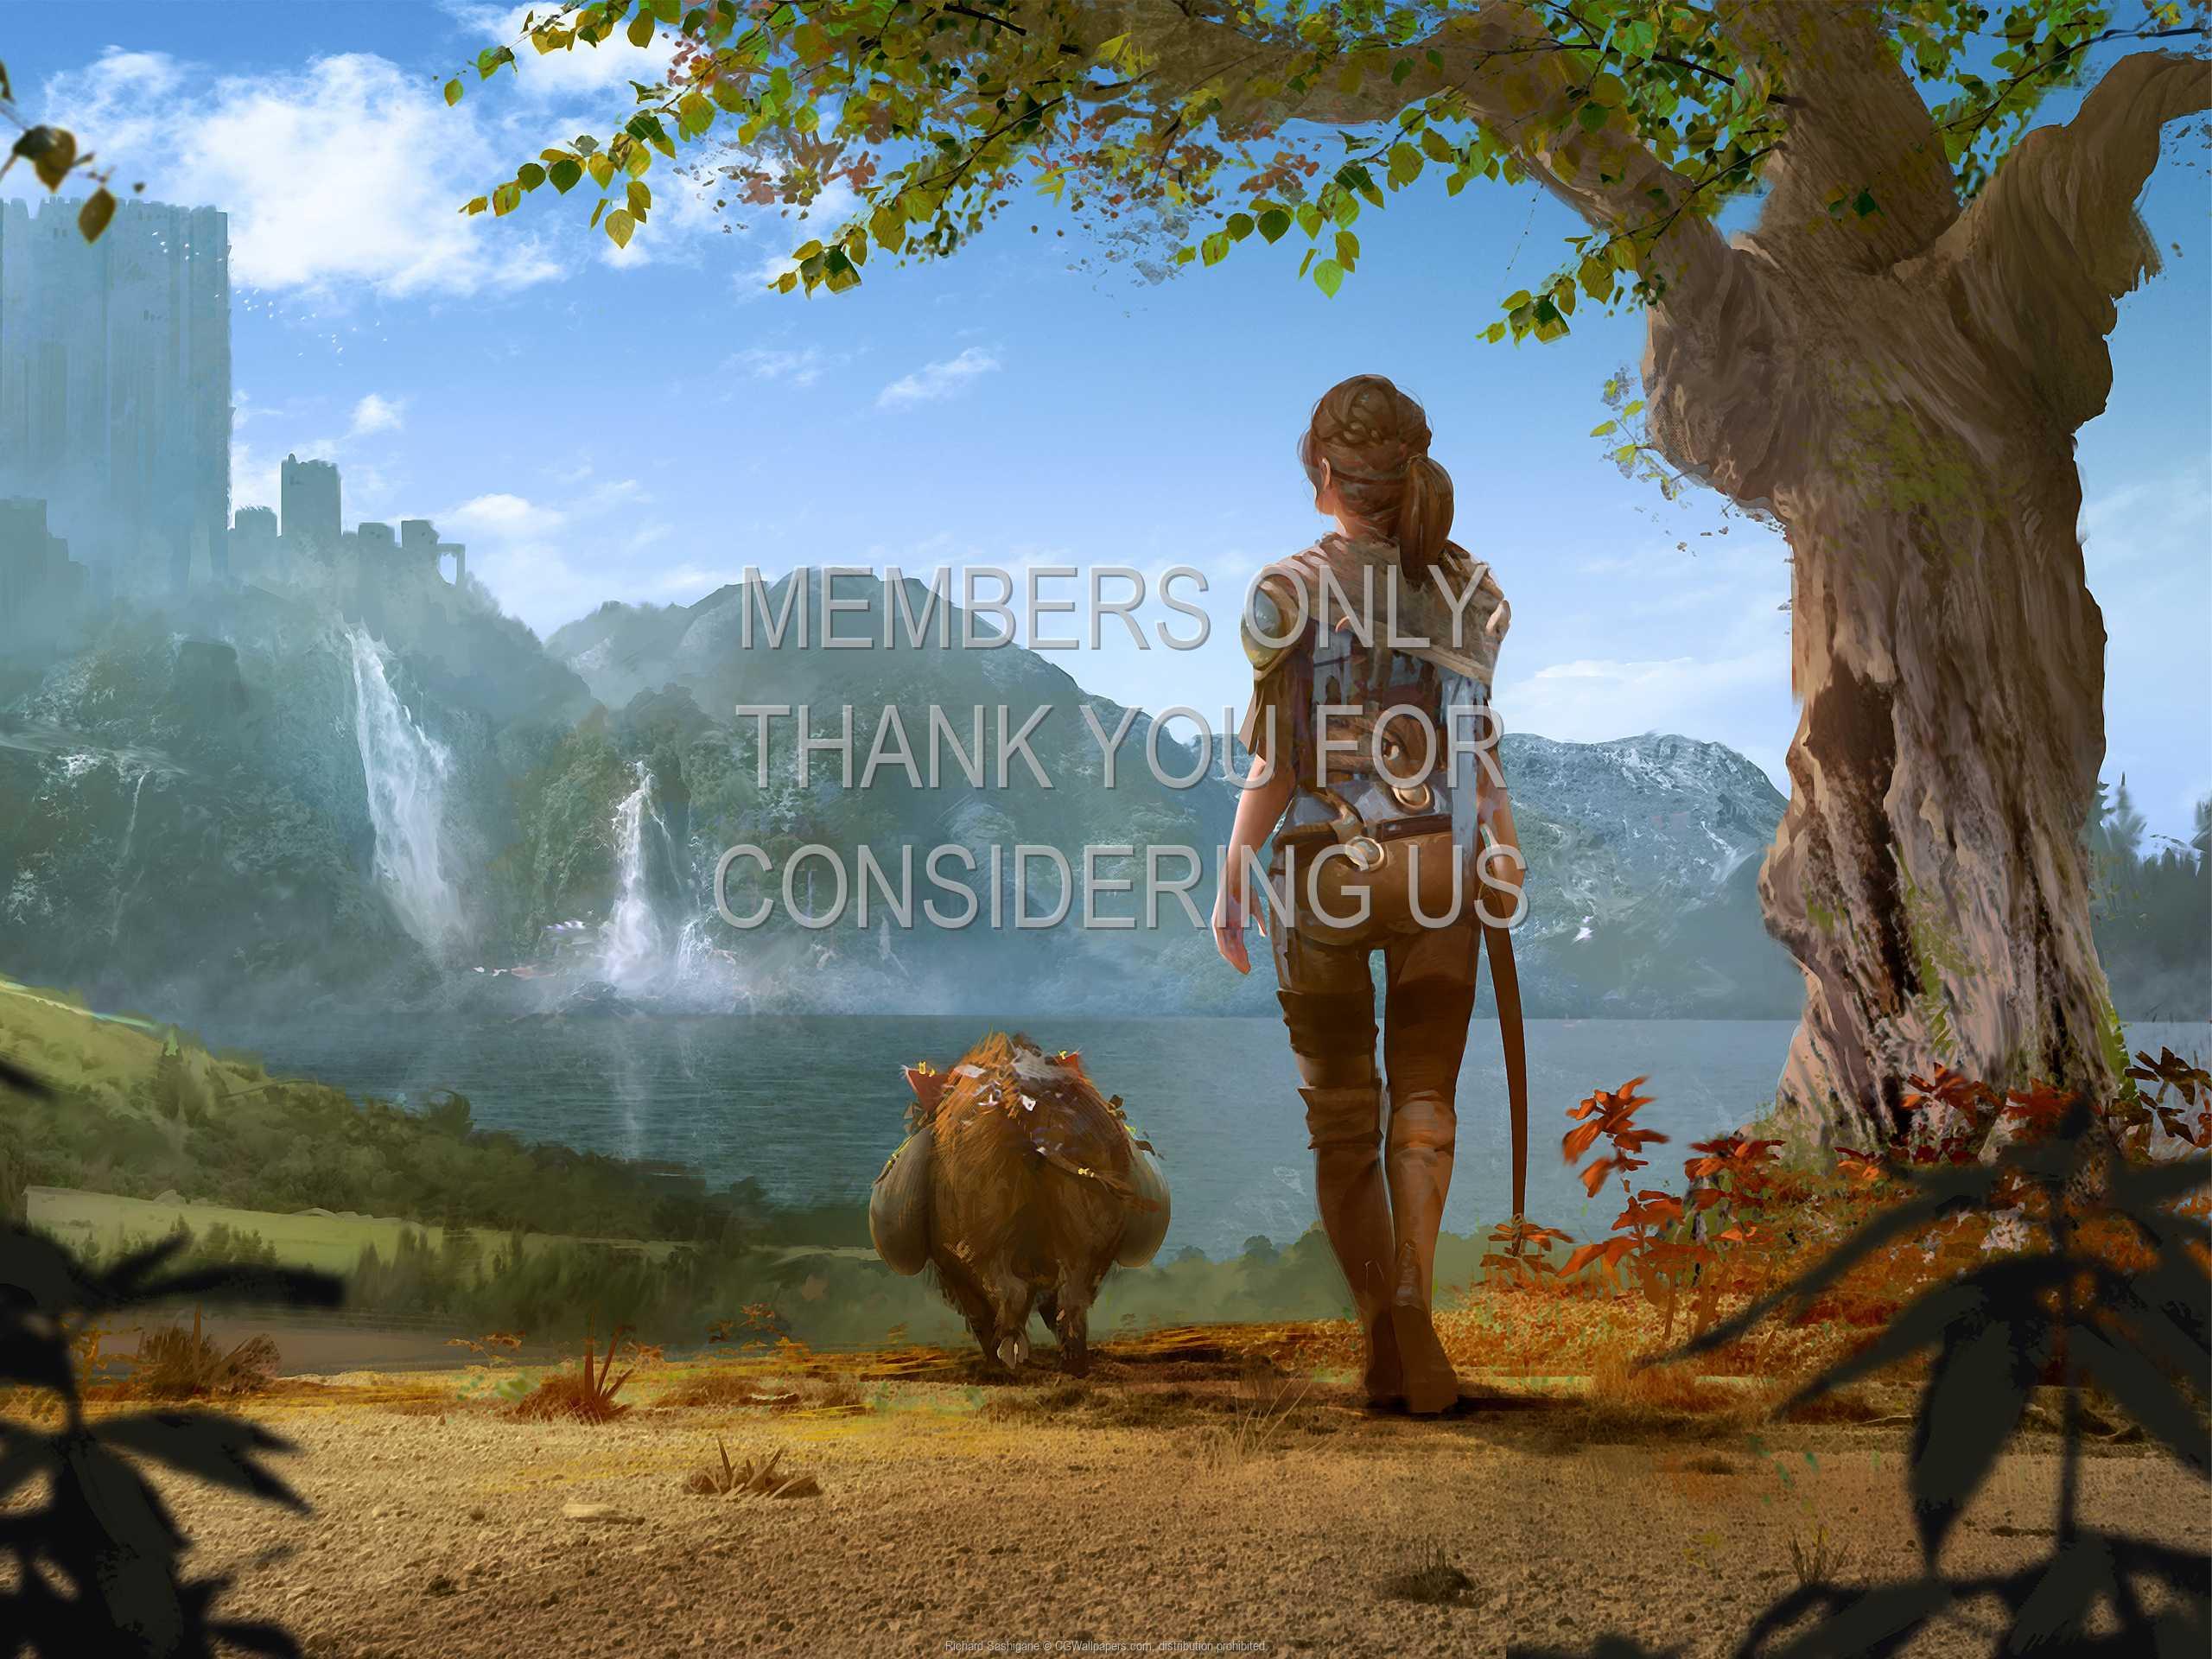 Richard Sashigane 1080p Horizontal Mobile wallpaper or background 03